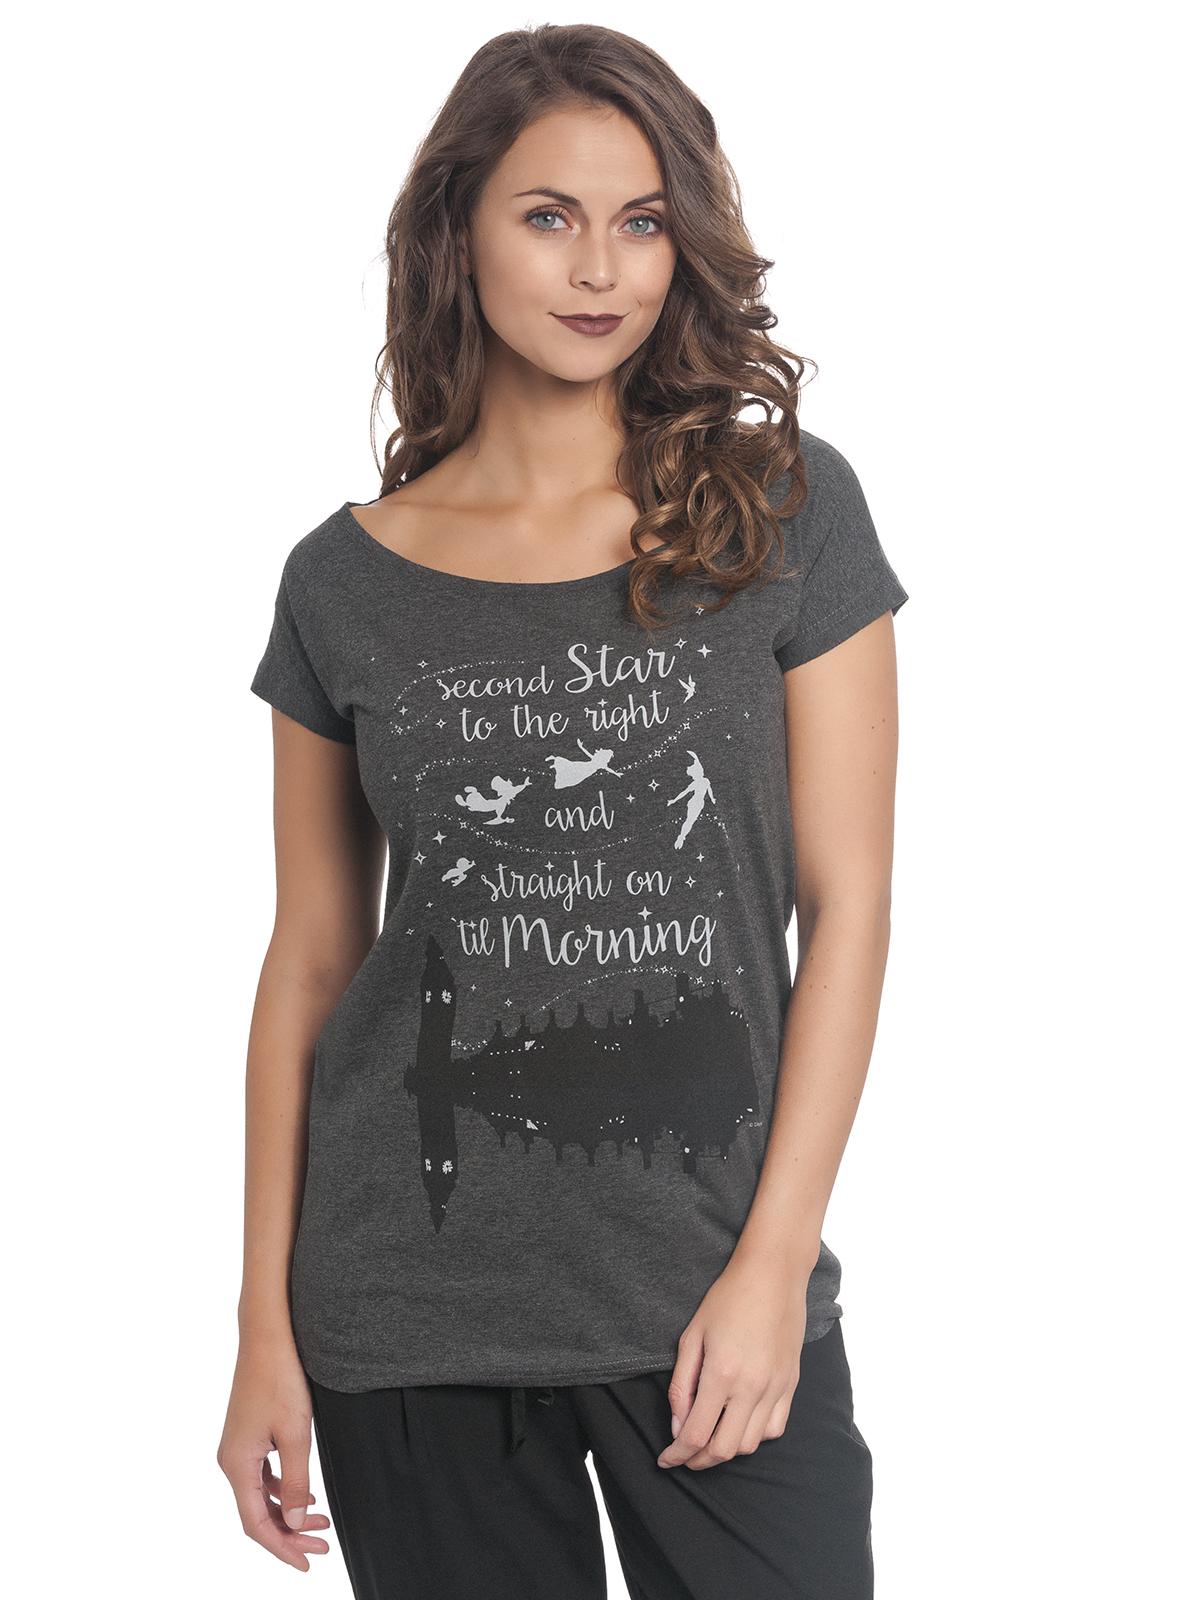 Tee Shirt Peter Pan Adulte